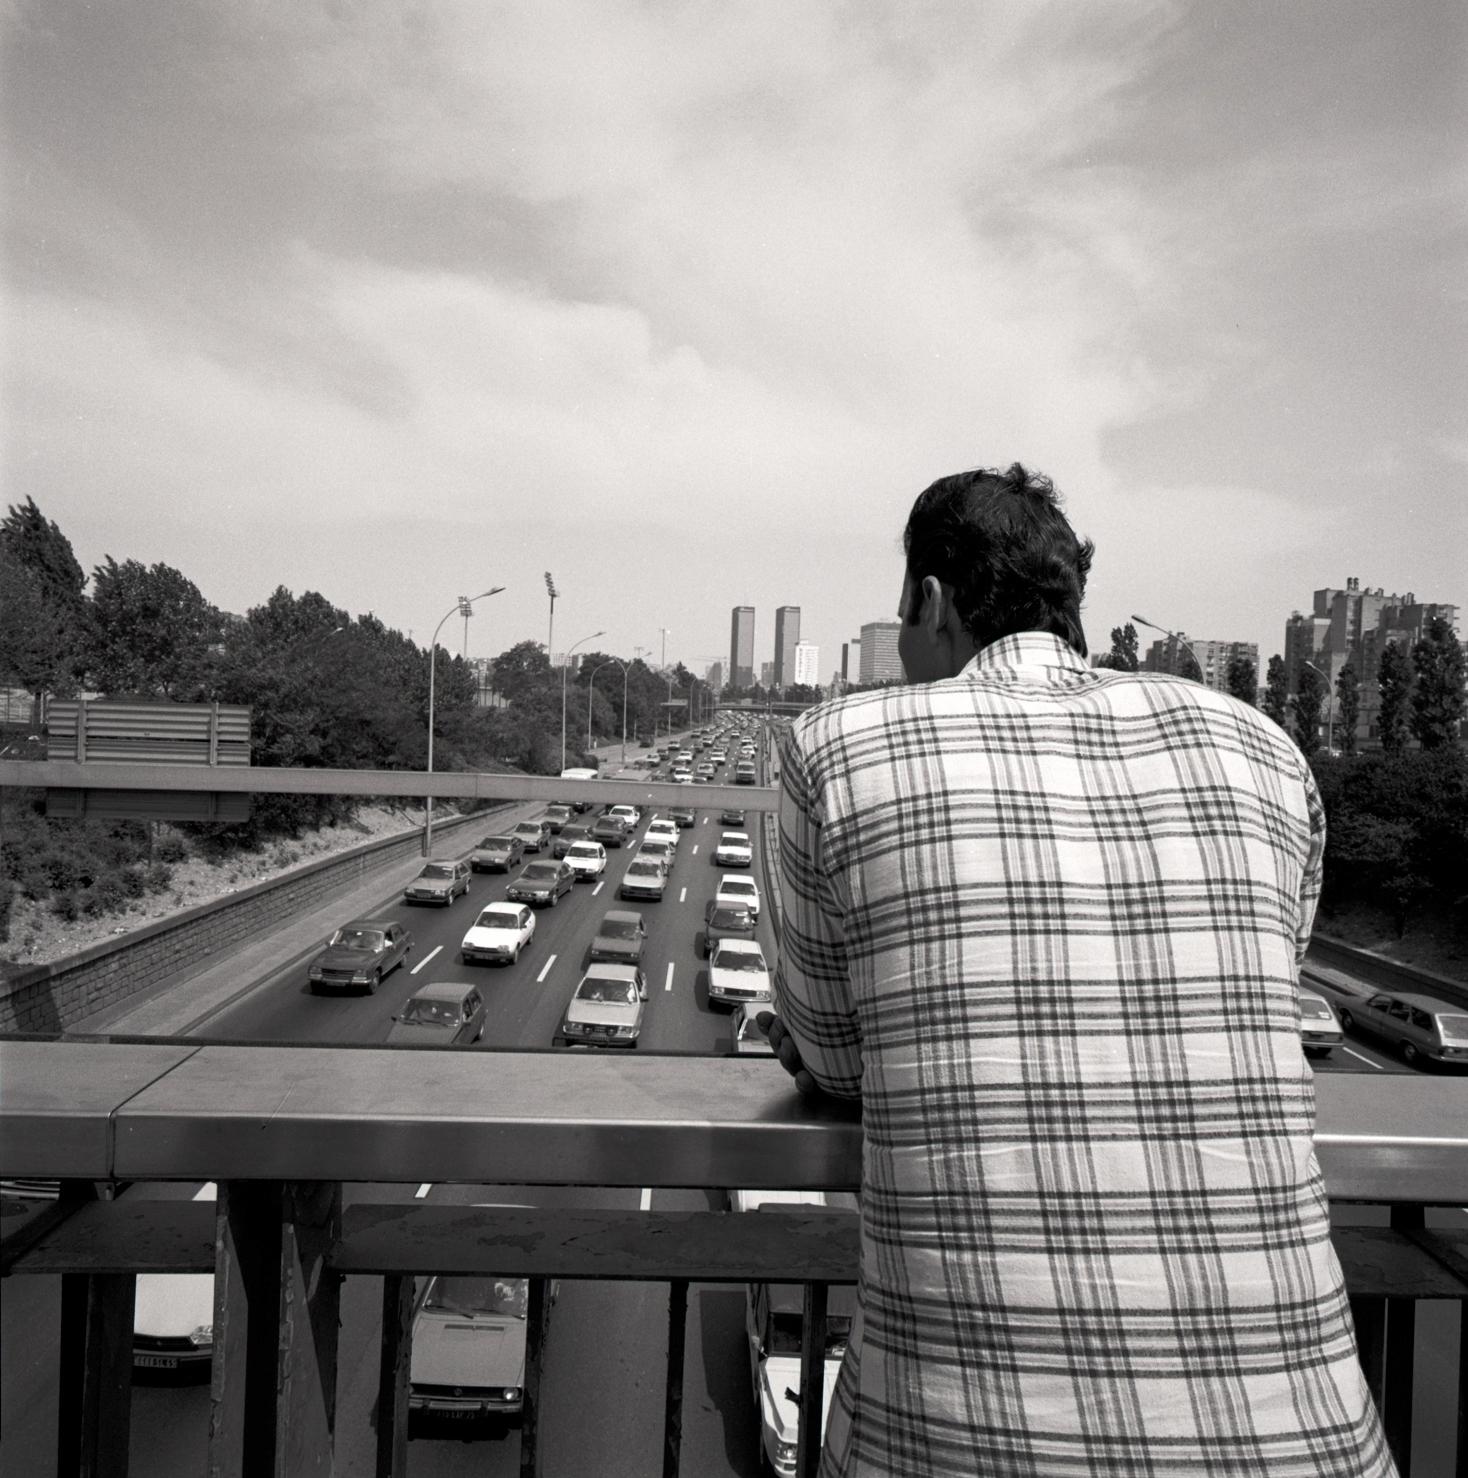 Paris Peripherique 1985